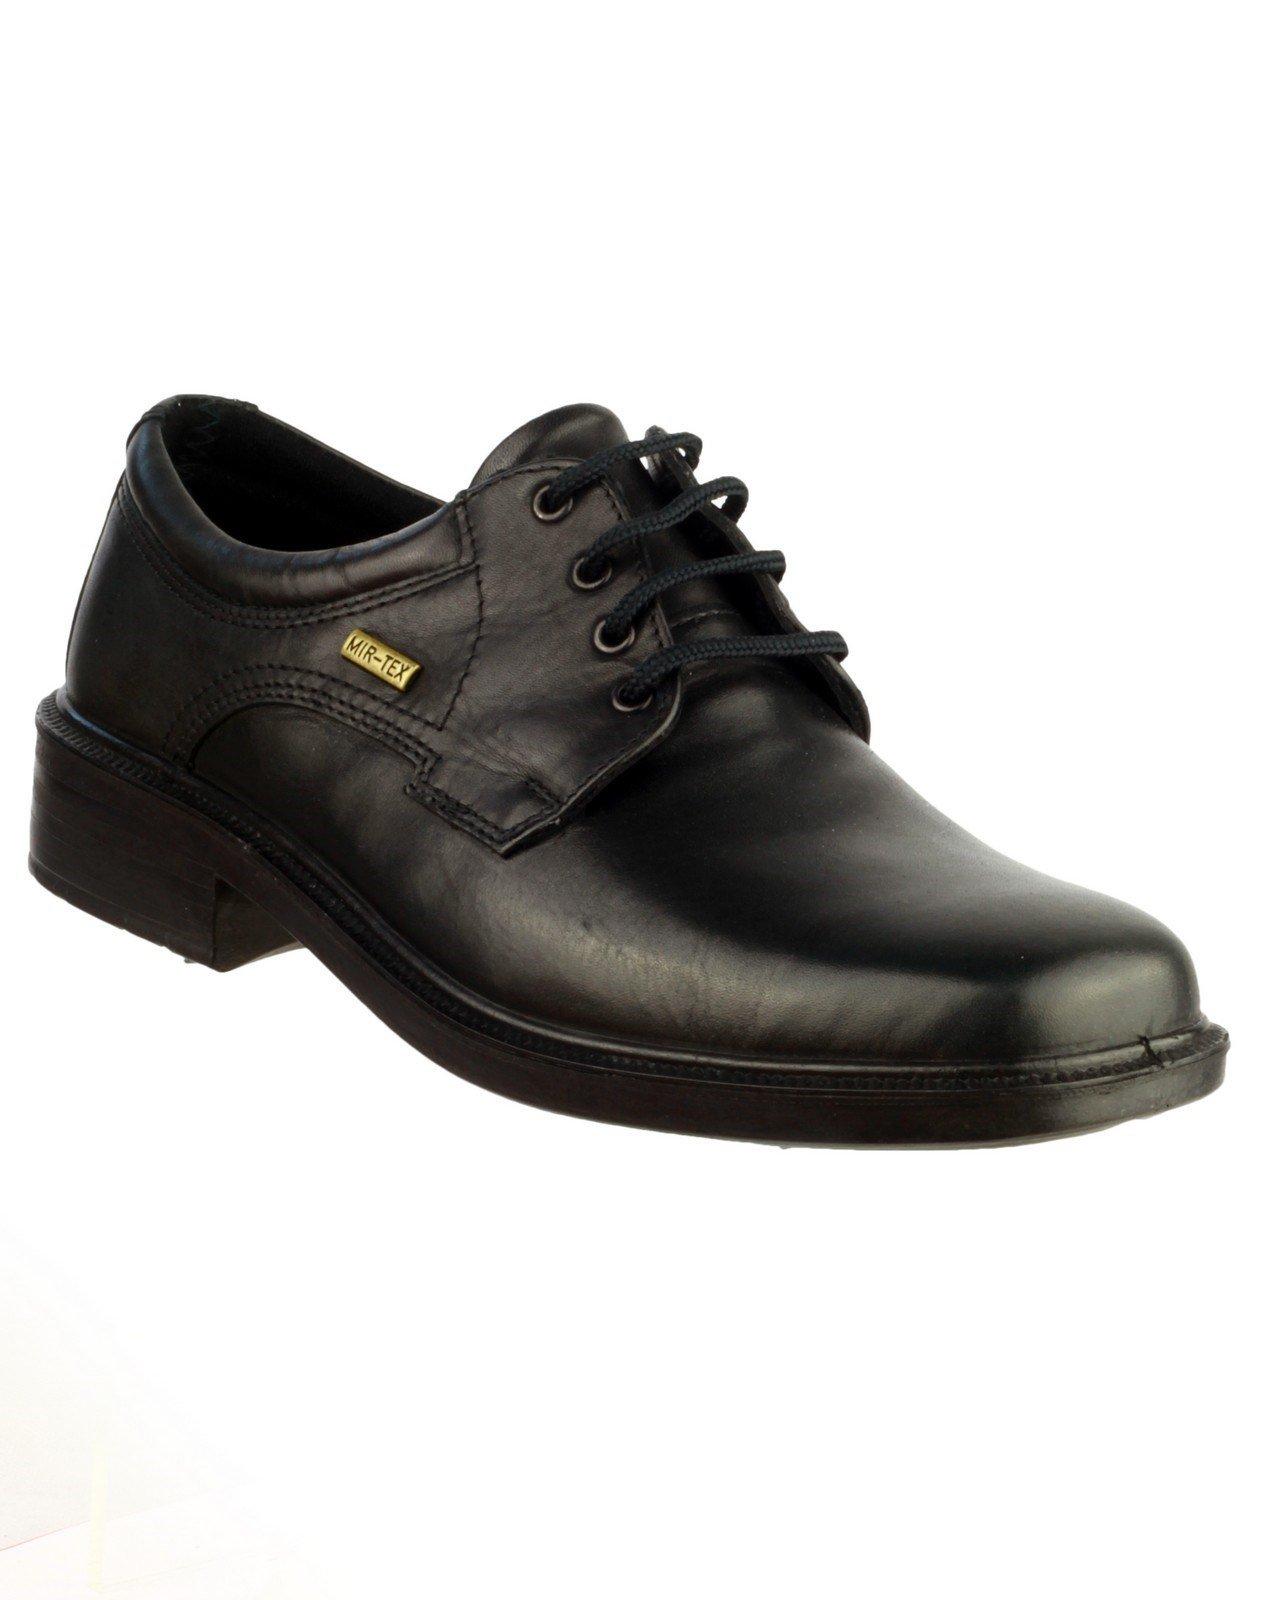 Cotswold Men's Sudeley Waterproof Shoe Various Colours 12718 - Black 6